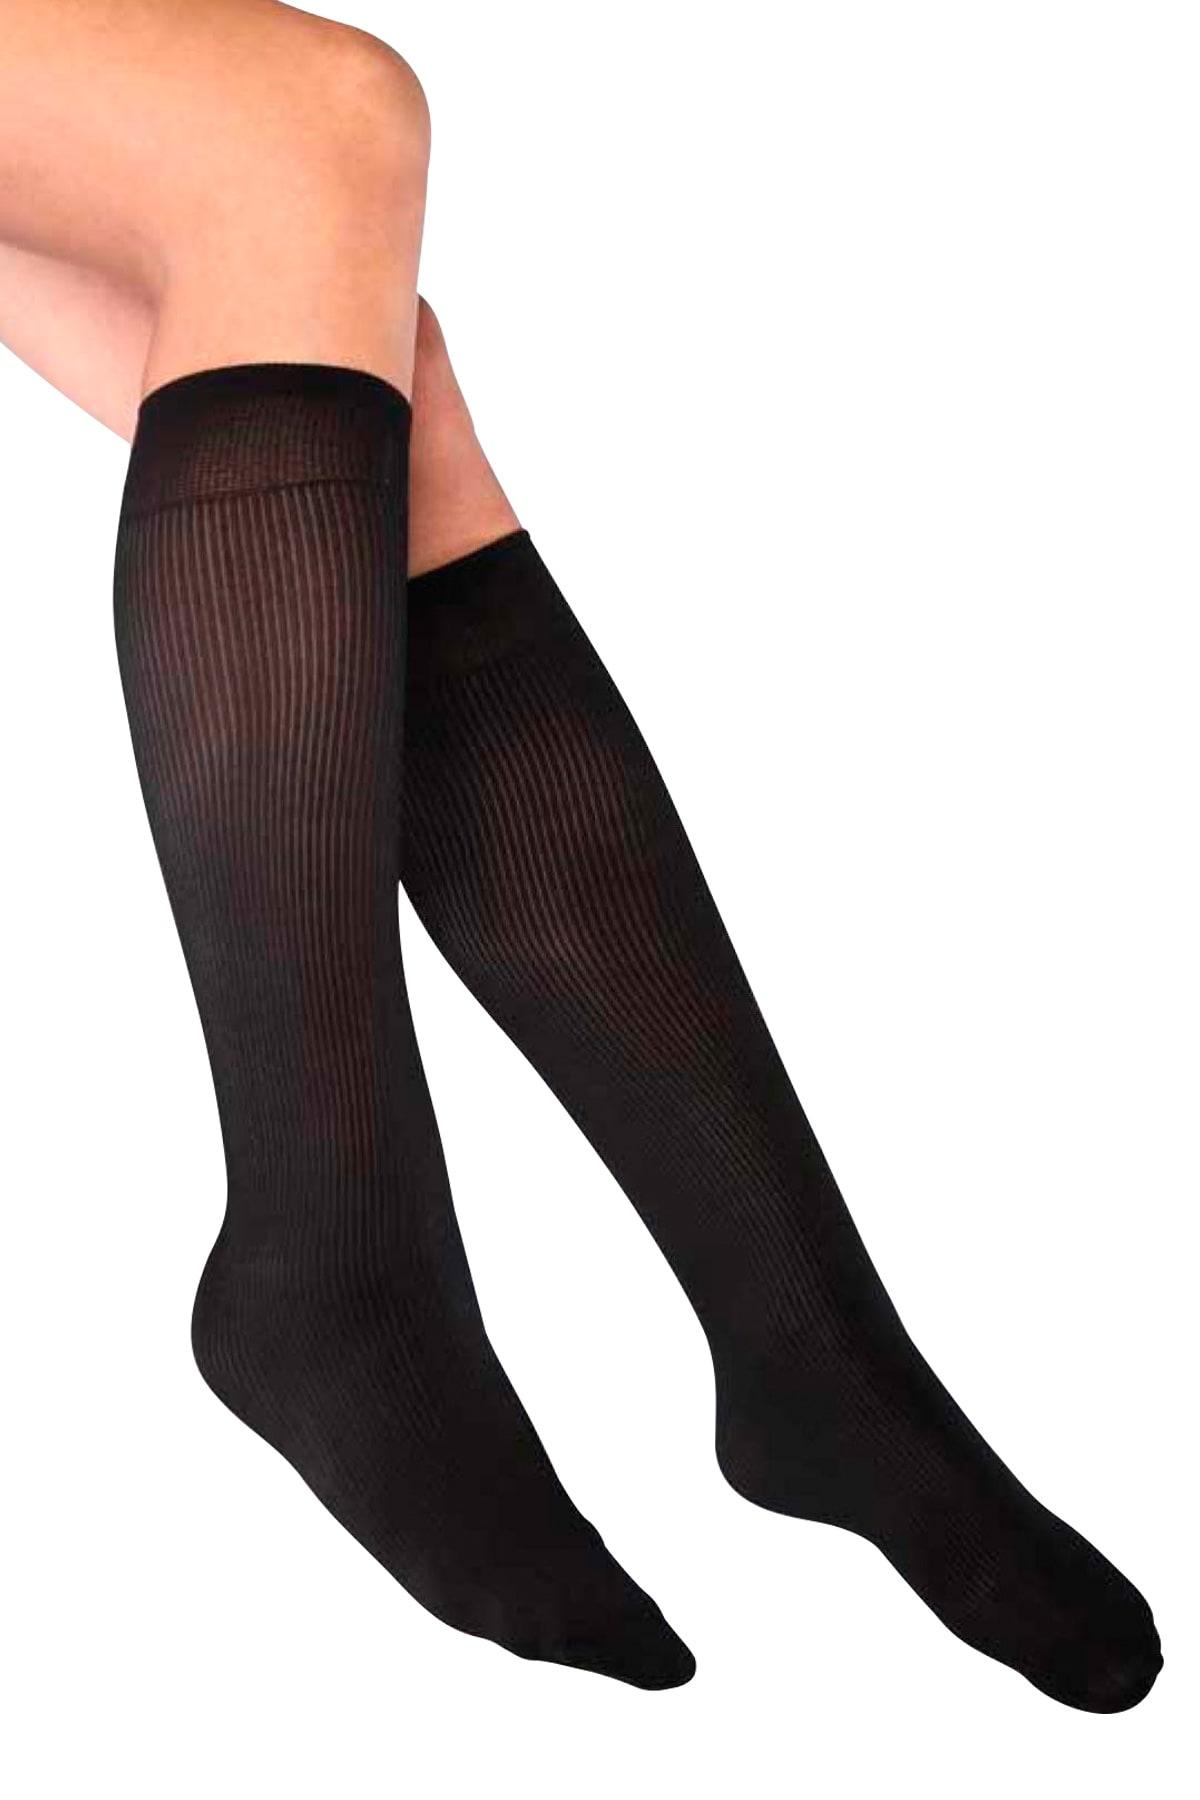 جوارب تحت الركبة مضلعة سوداء نسائية